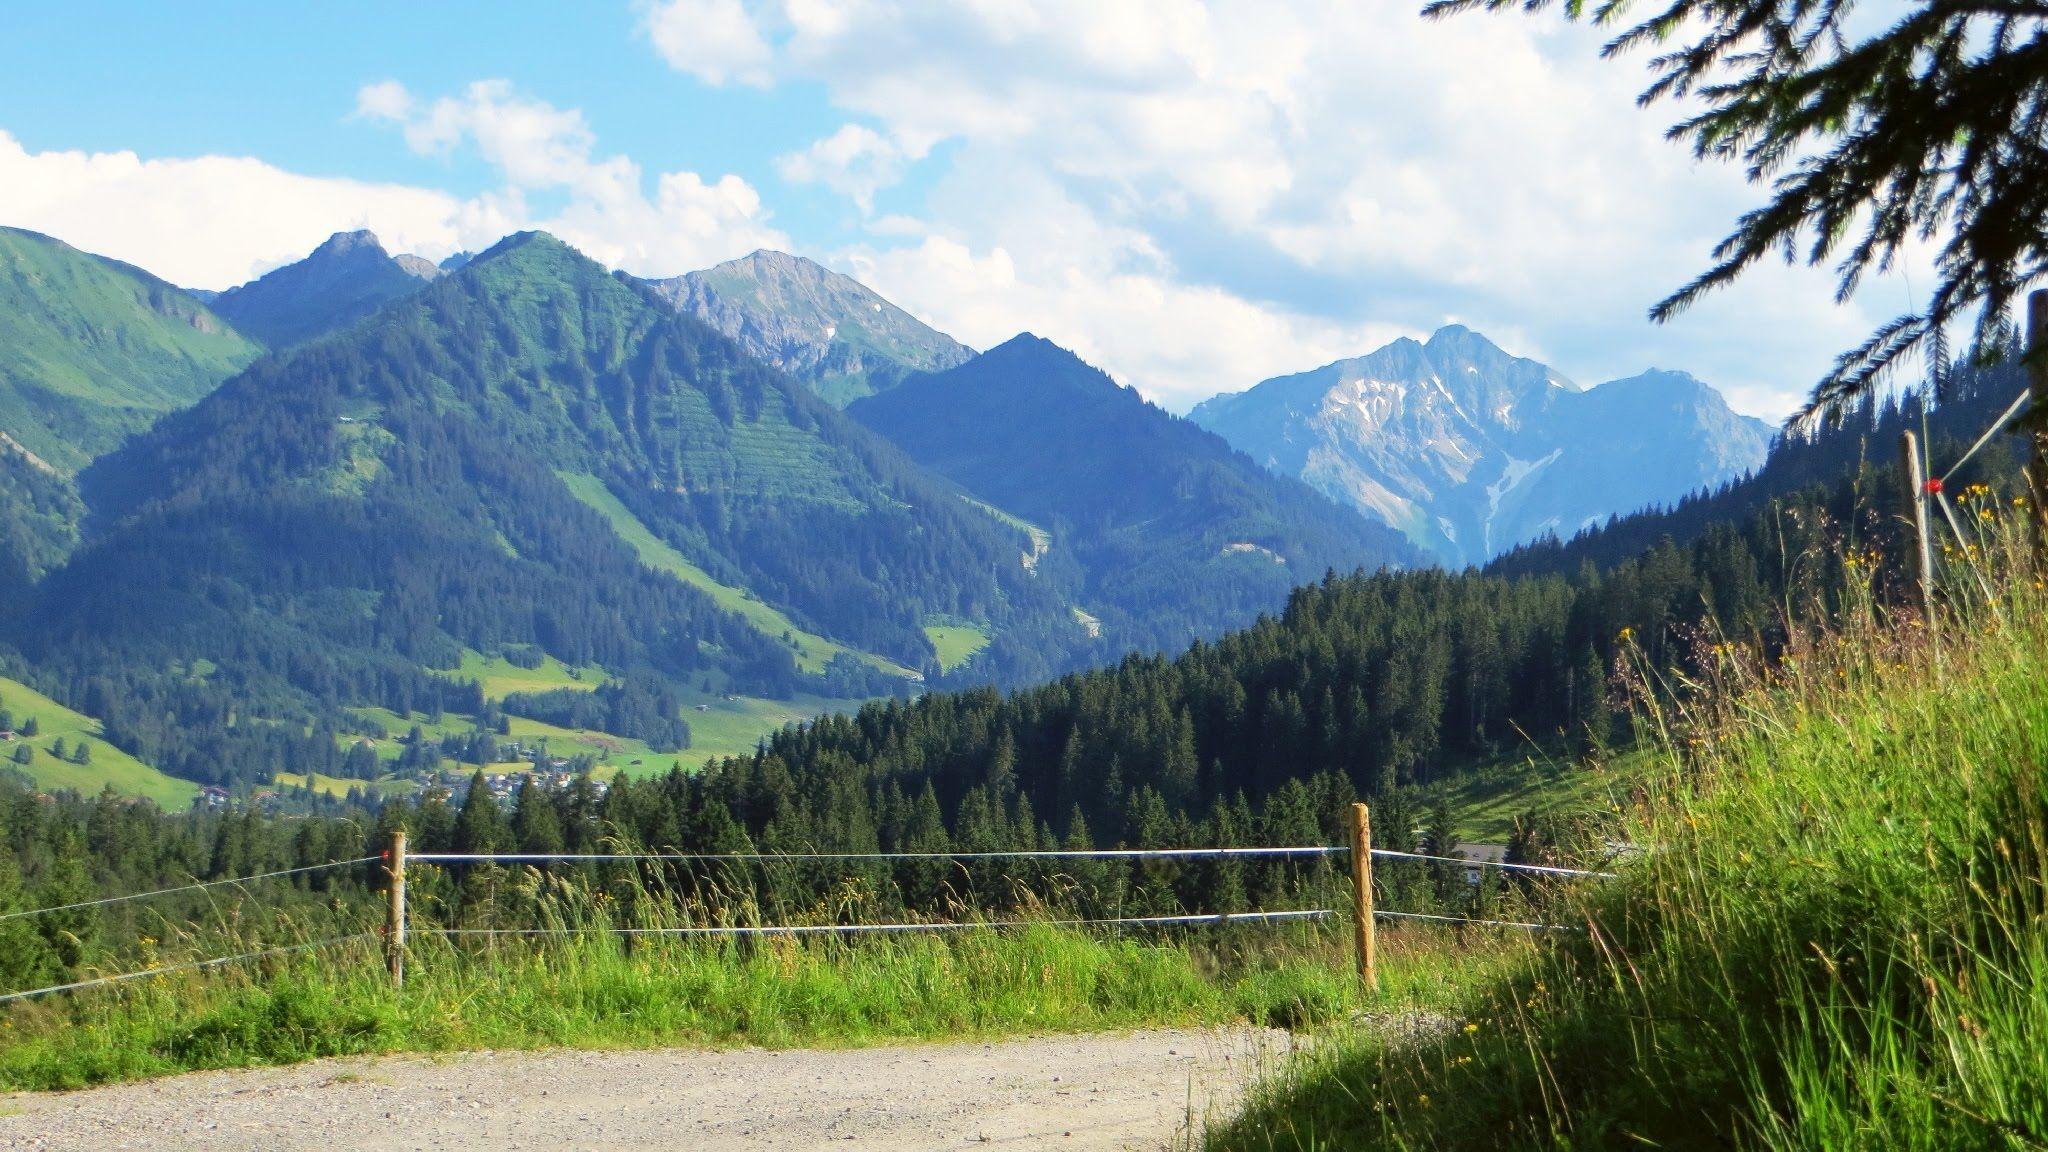 Allgau Halbtagestouren Oberstdorf Sonthofen Hindelang Reiseziele